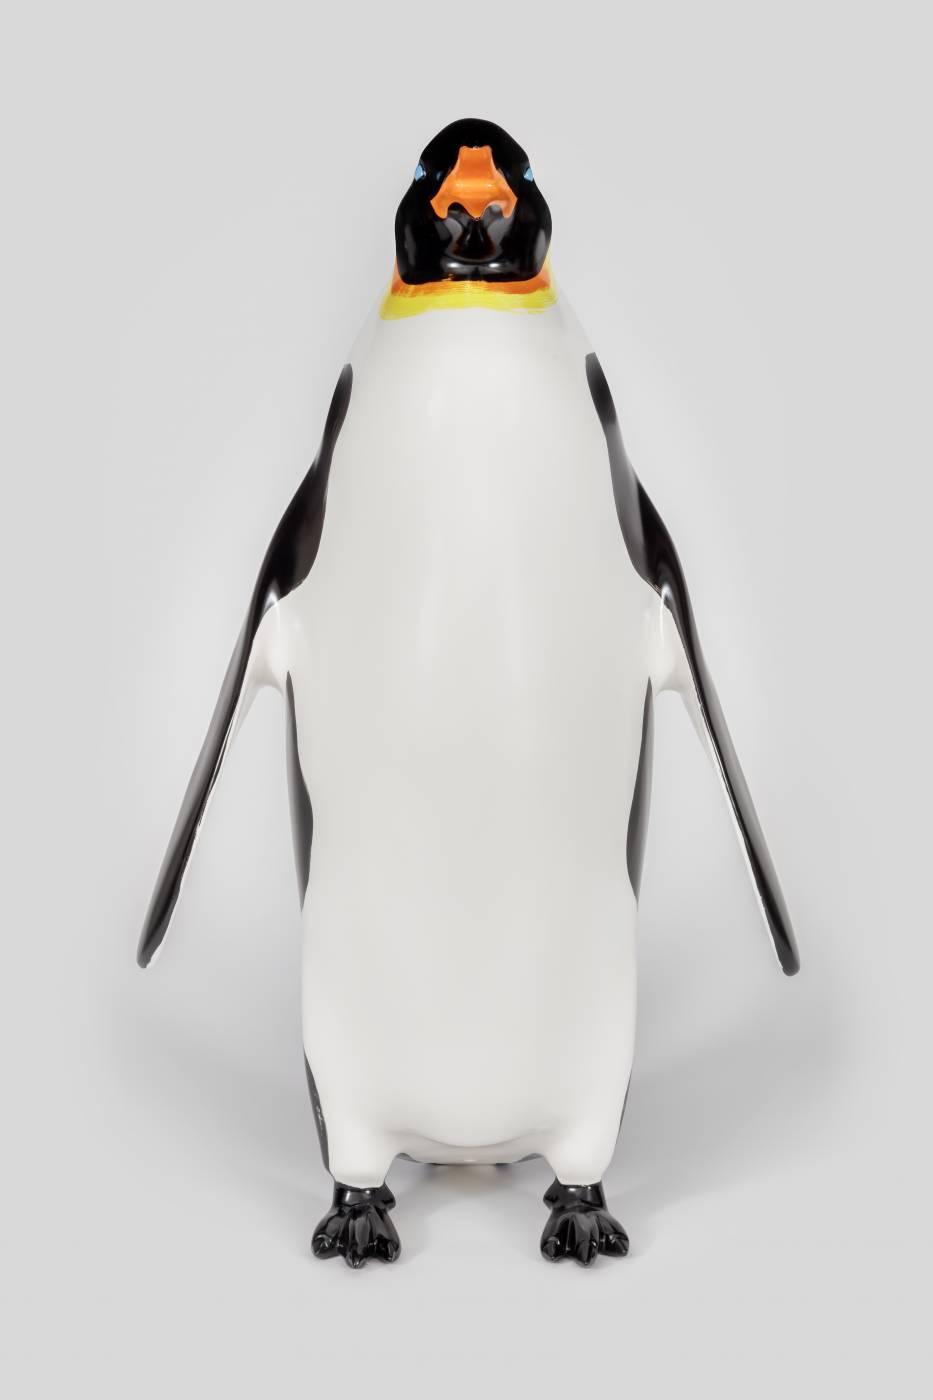 Penguin sculptures, frontal view